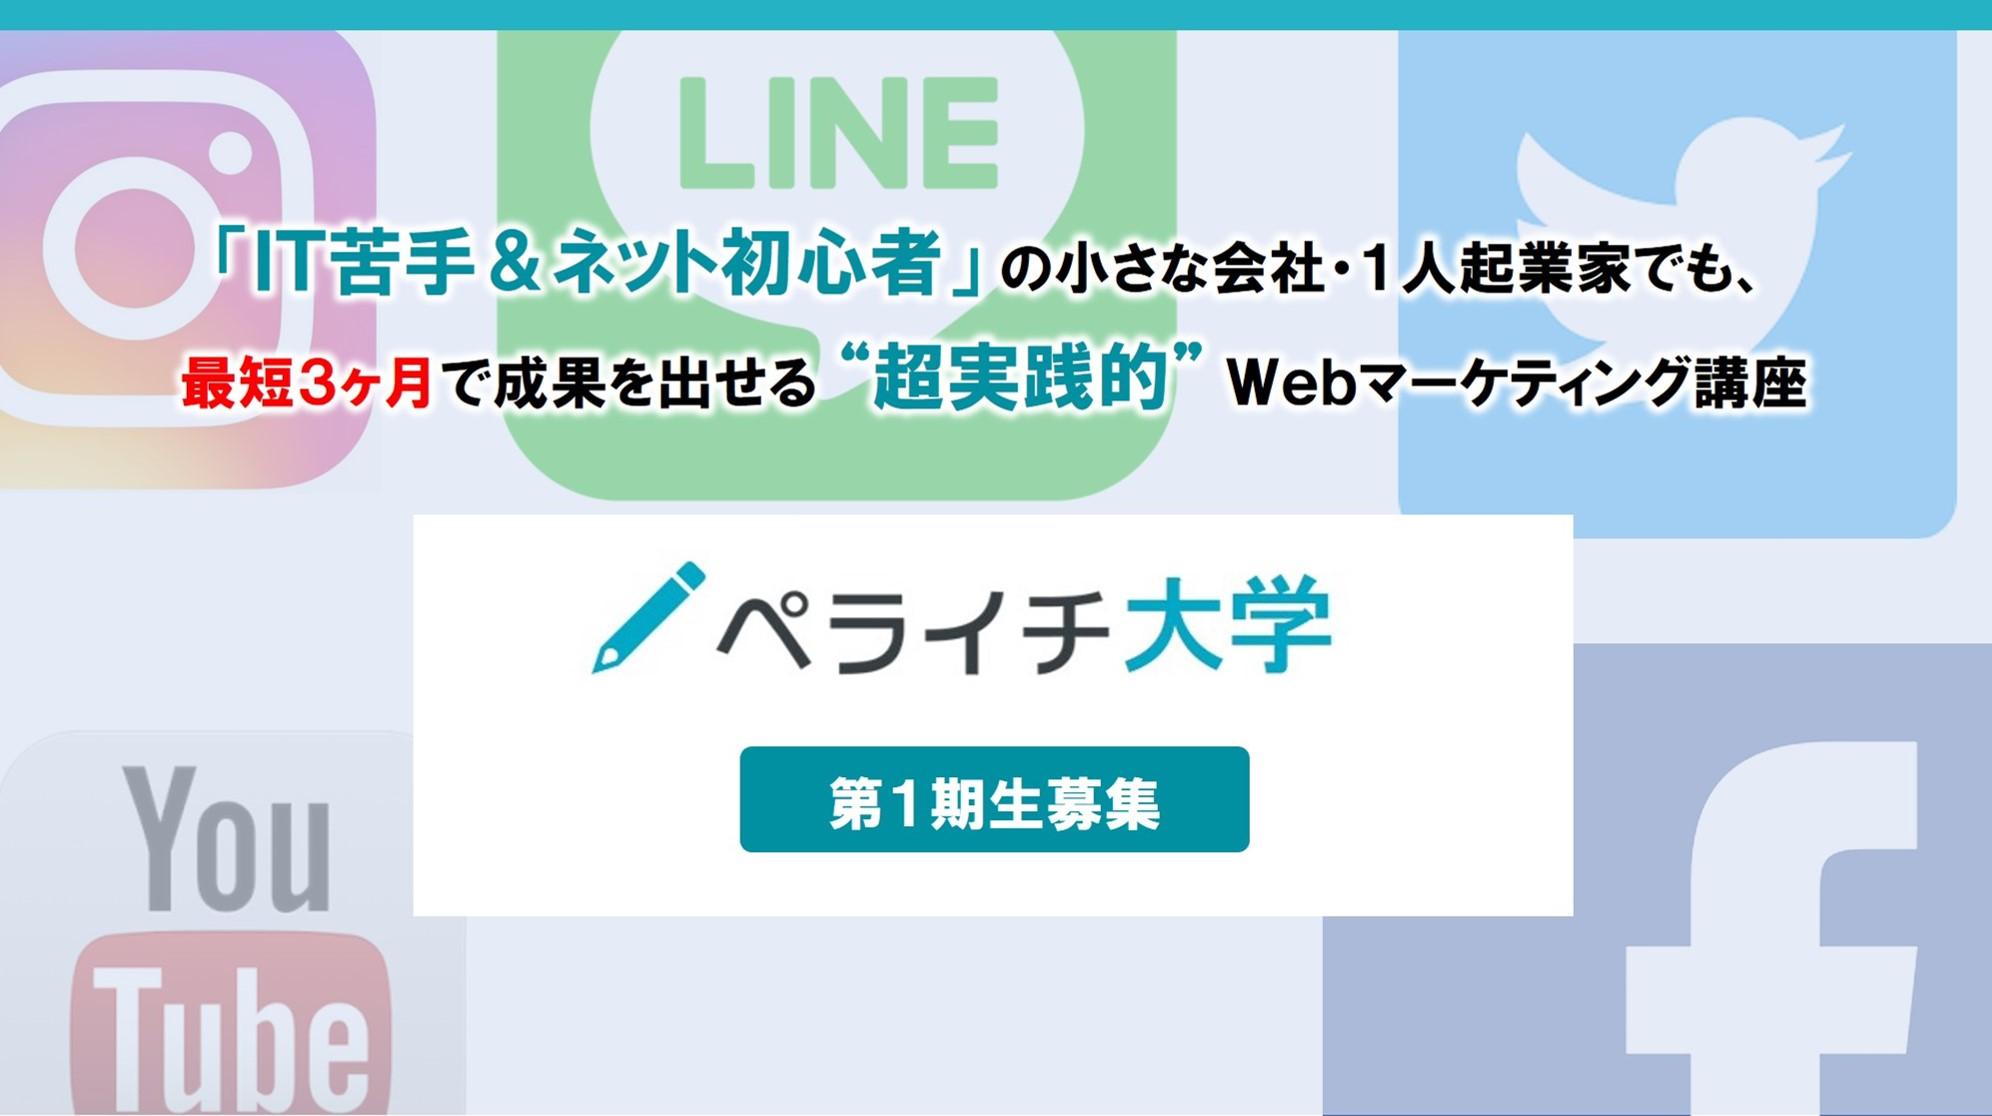 ネット初心者のための超実践的Webマーケティング講座『ペライチ大学』1期募集開始!